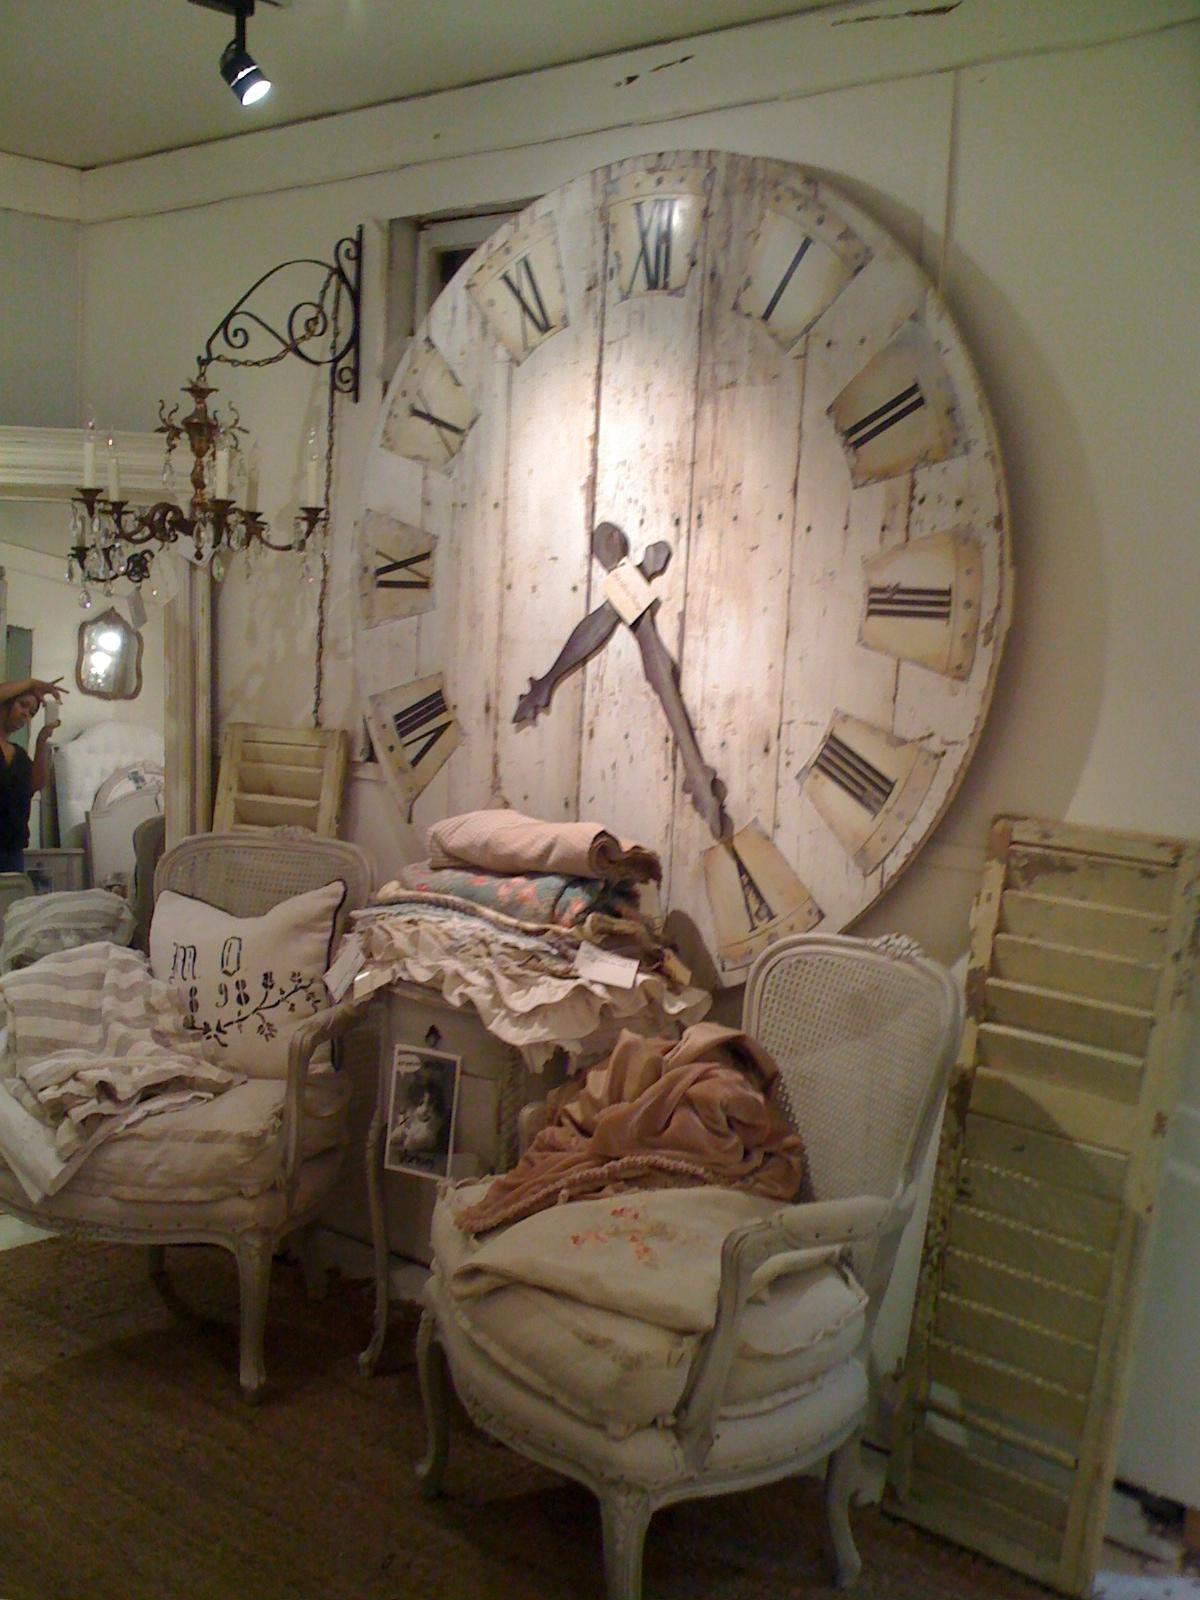 Oversized Wall Clocks 1